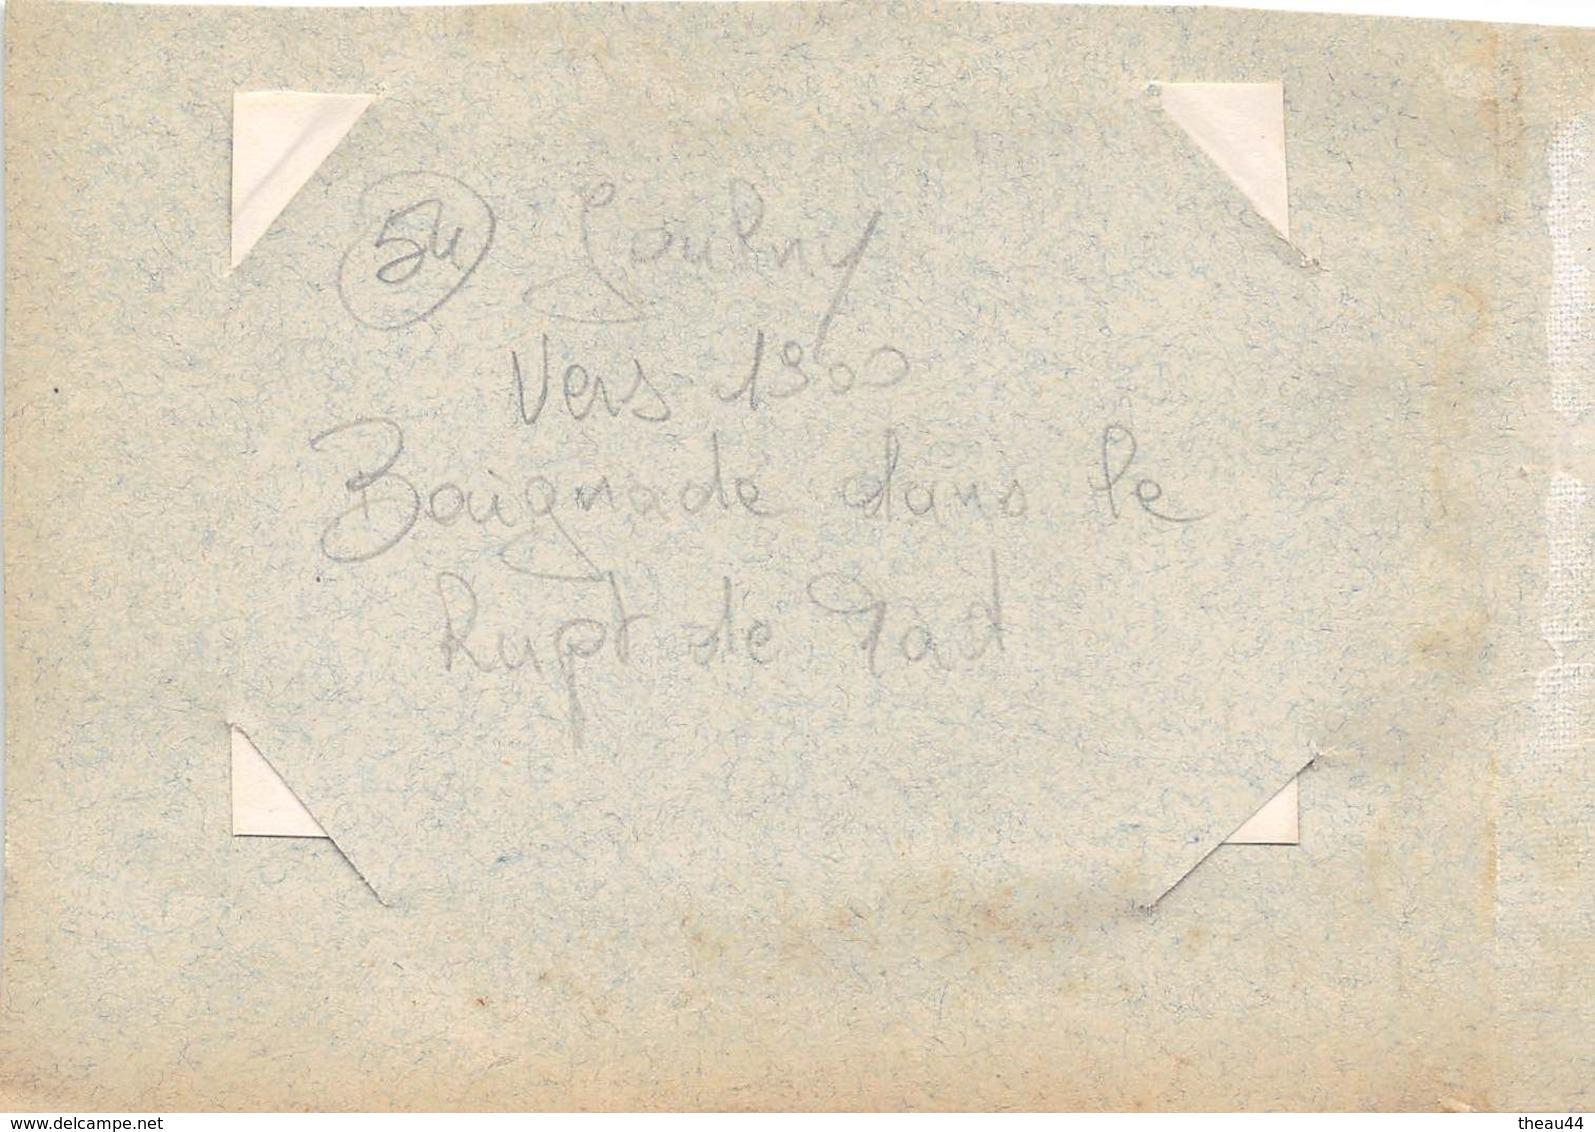 ¤¤   -  JAULNY   -   Cliché Albuminé Vers 1900  -   Baignade Dans Le Rupt De Mad  -  Voir Description   -  ¤¤ - Autres Communes